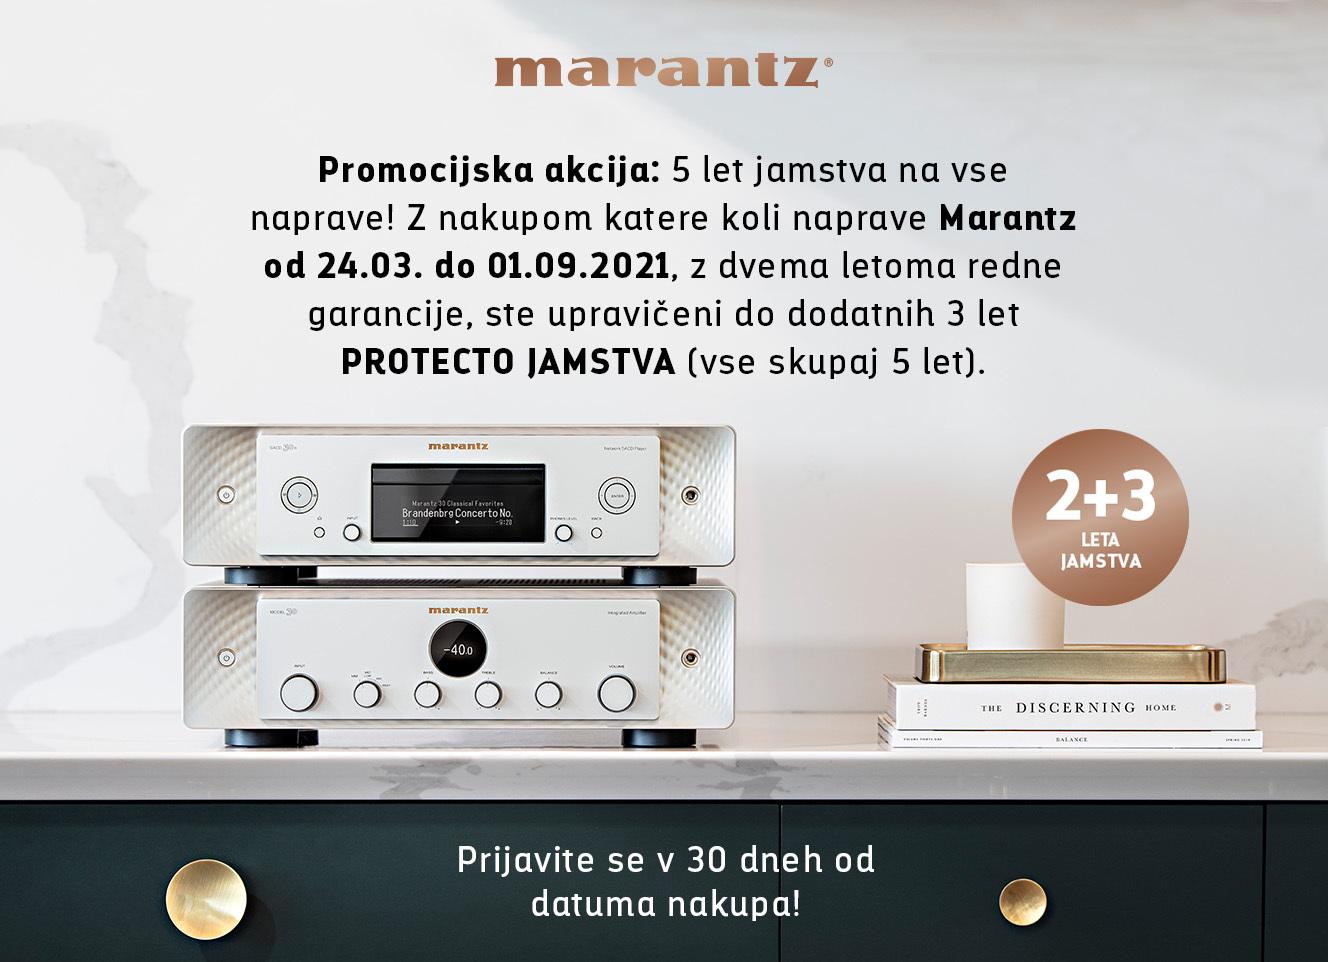 marantz-2plus3-jamstvo5